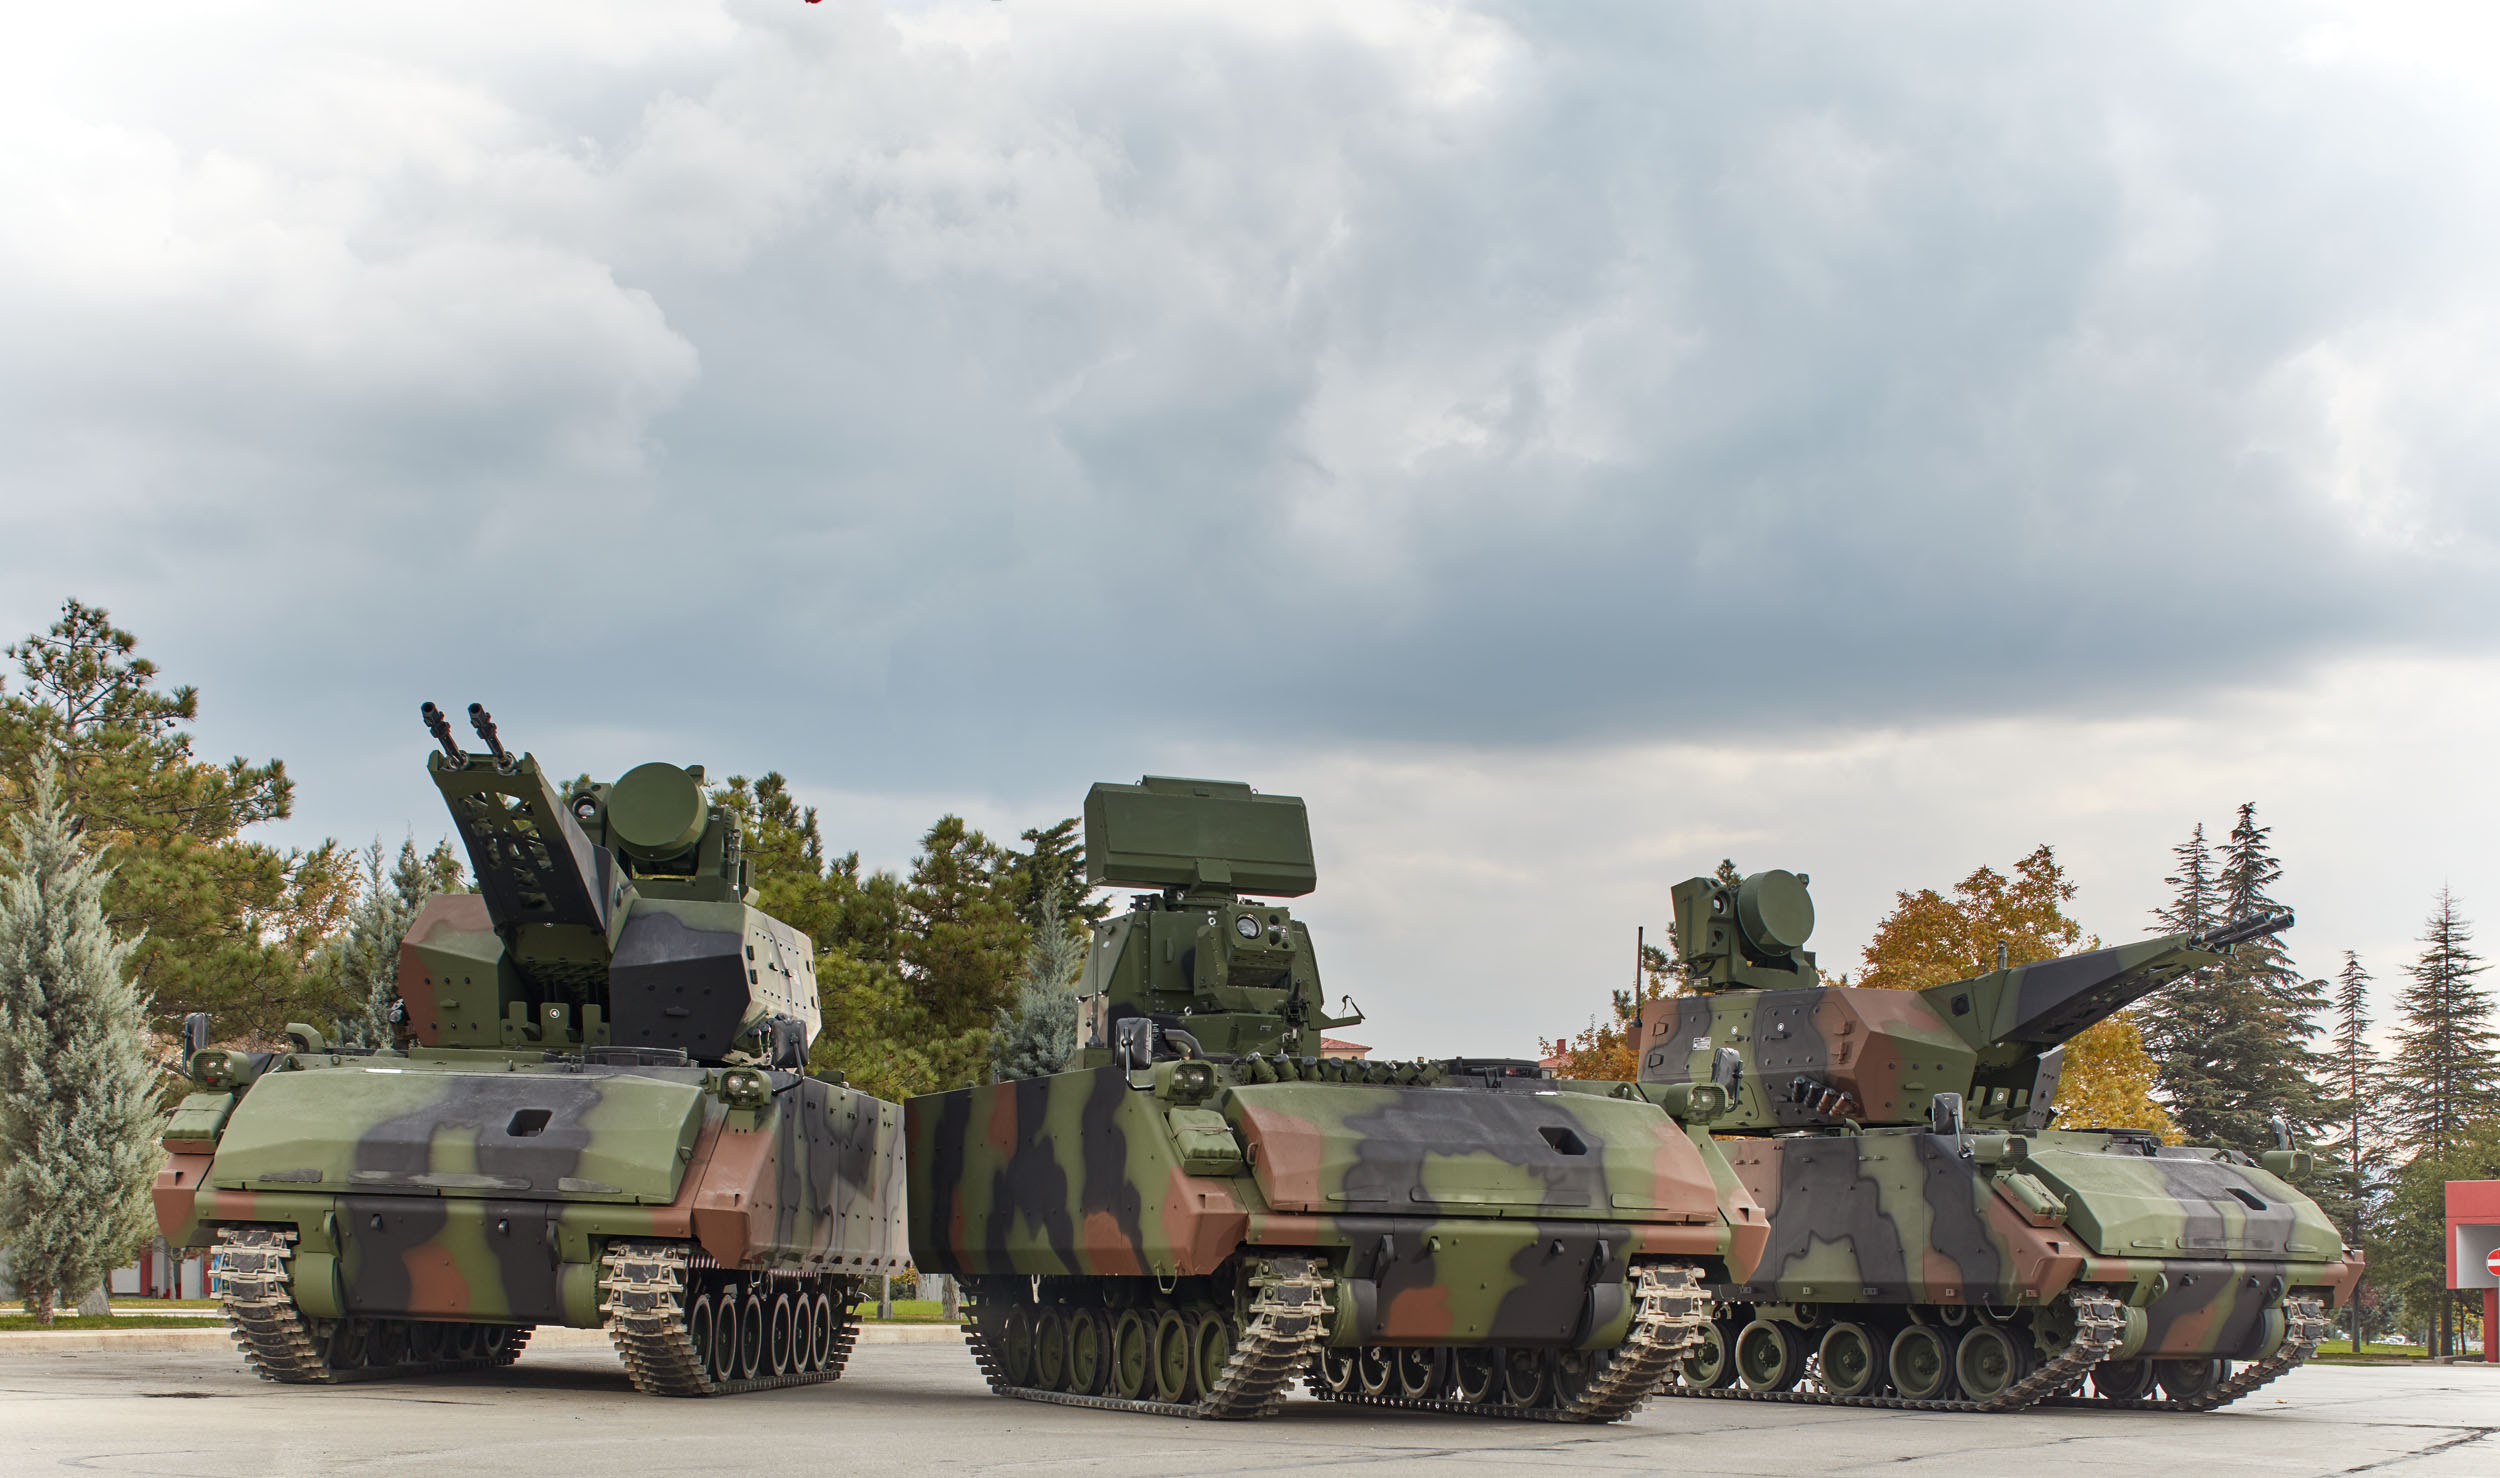 صورة نظام الدفاع الجوي للوحدات المتنقلة KORKUT